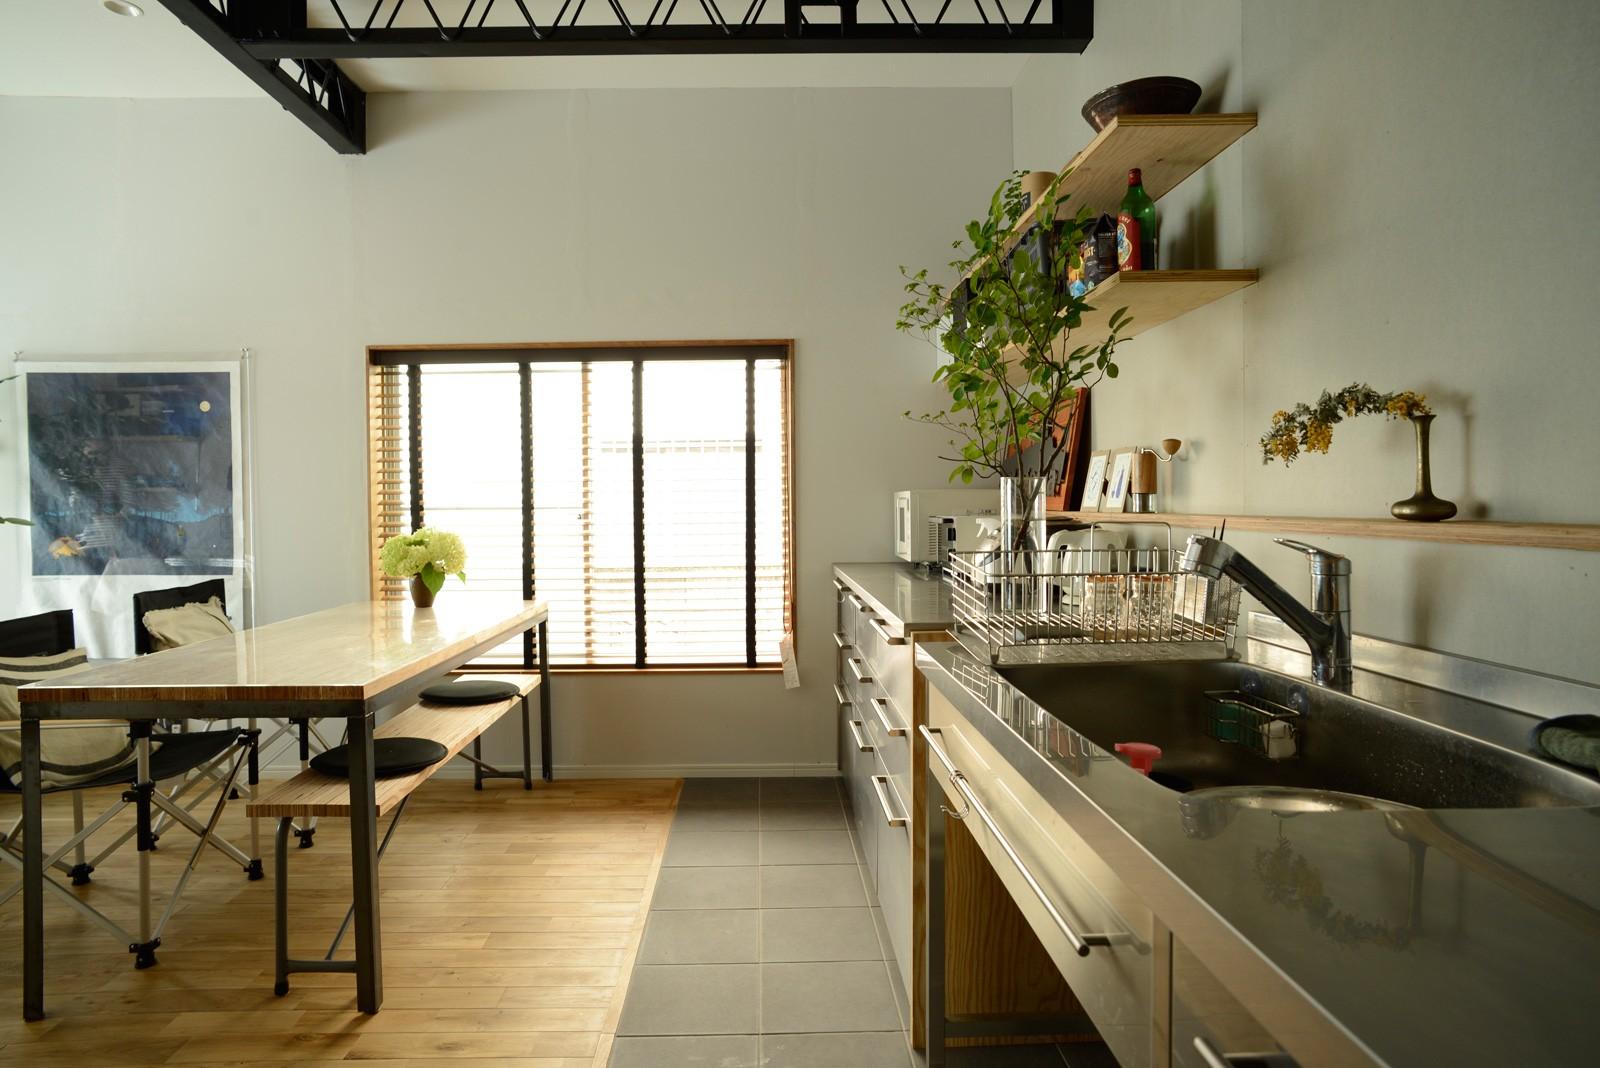 キッチン事例:キッチン(『世代を超えて』 ― 築古戸建に手間ひまかけて)